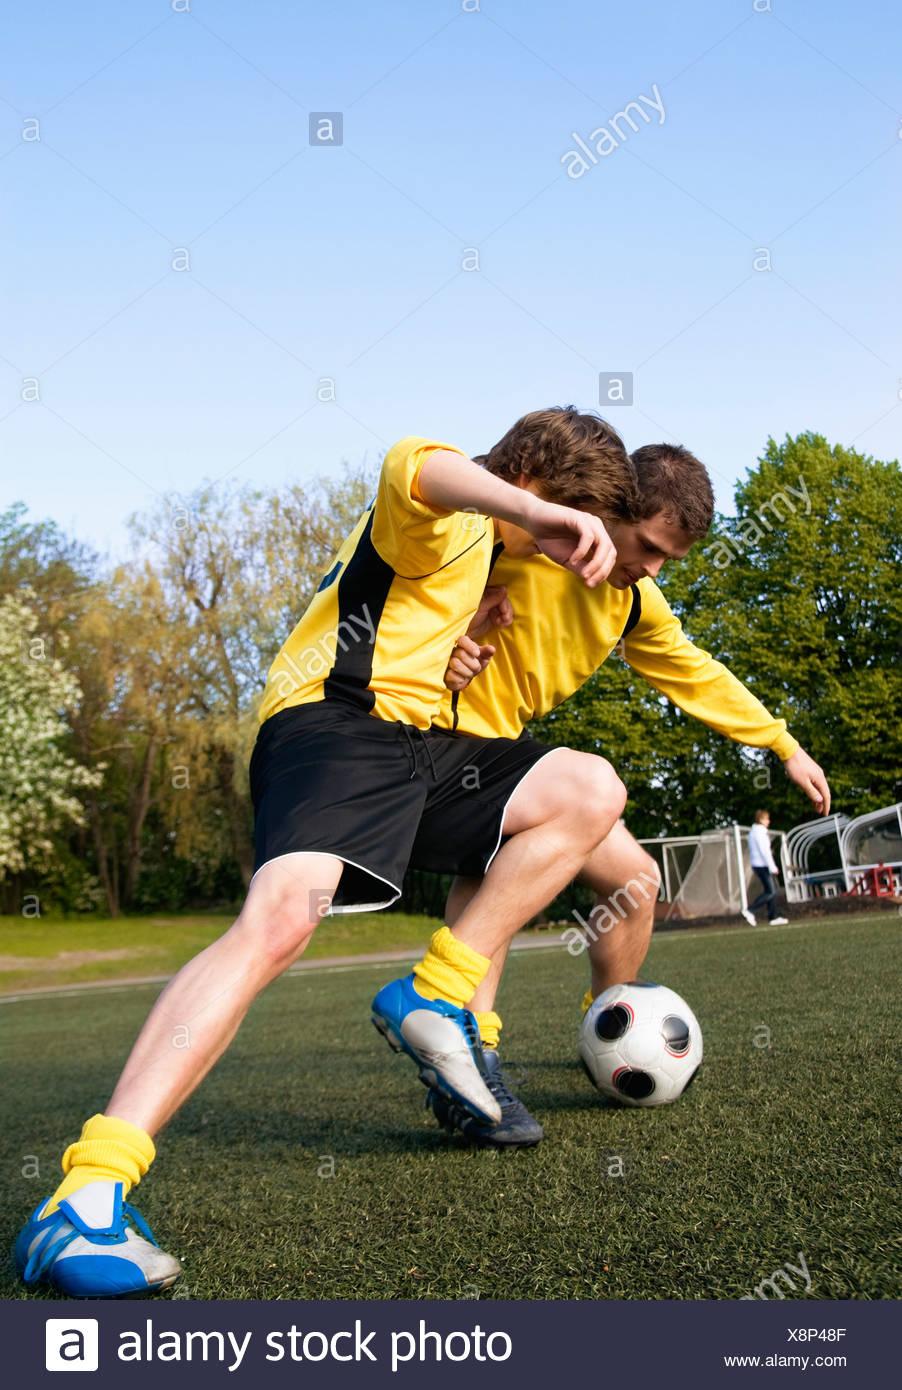 Zwei Jungs spielen Fußball Stockbild